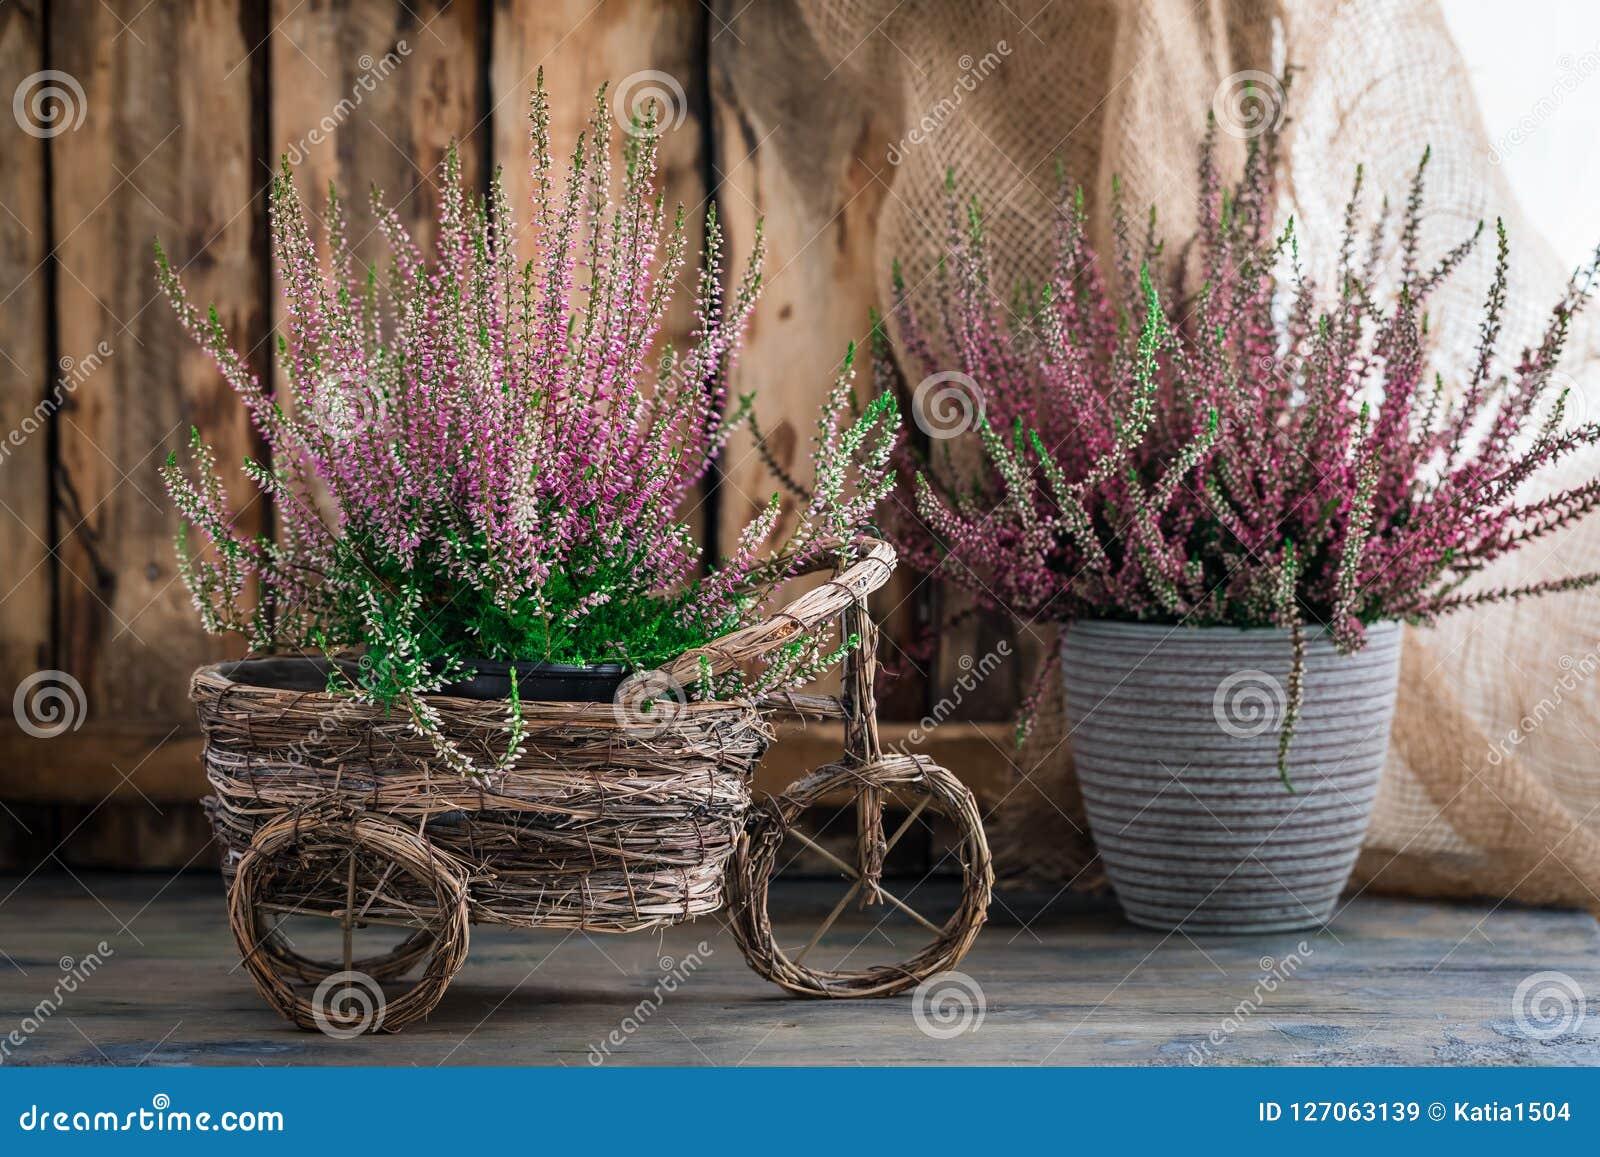 Η καλλιεργημένη σε δοχείο ρόδινη vulgaris ή κοινή ερείκη calluna ανθίζει τη στάση στο ξύλινο υπόβαθρο